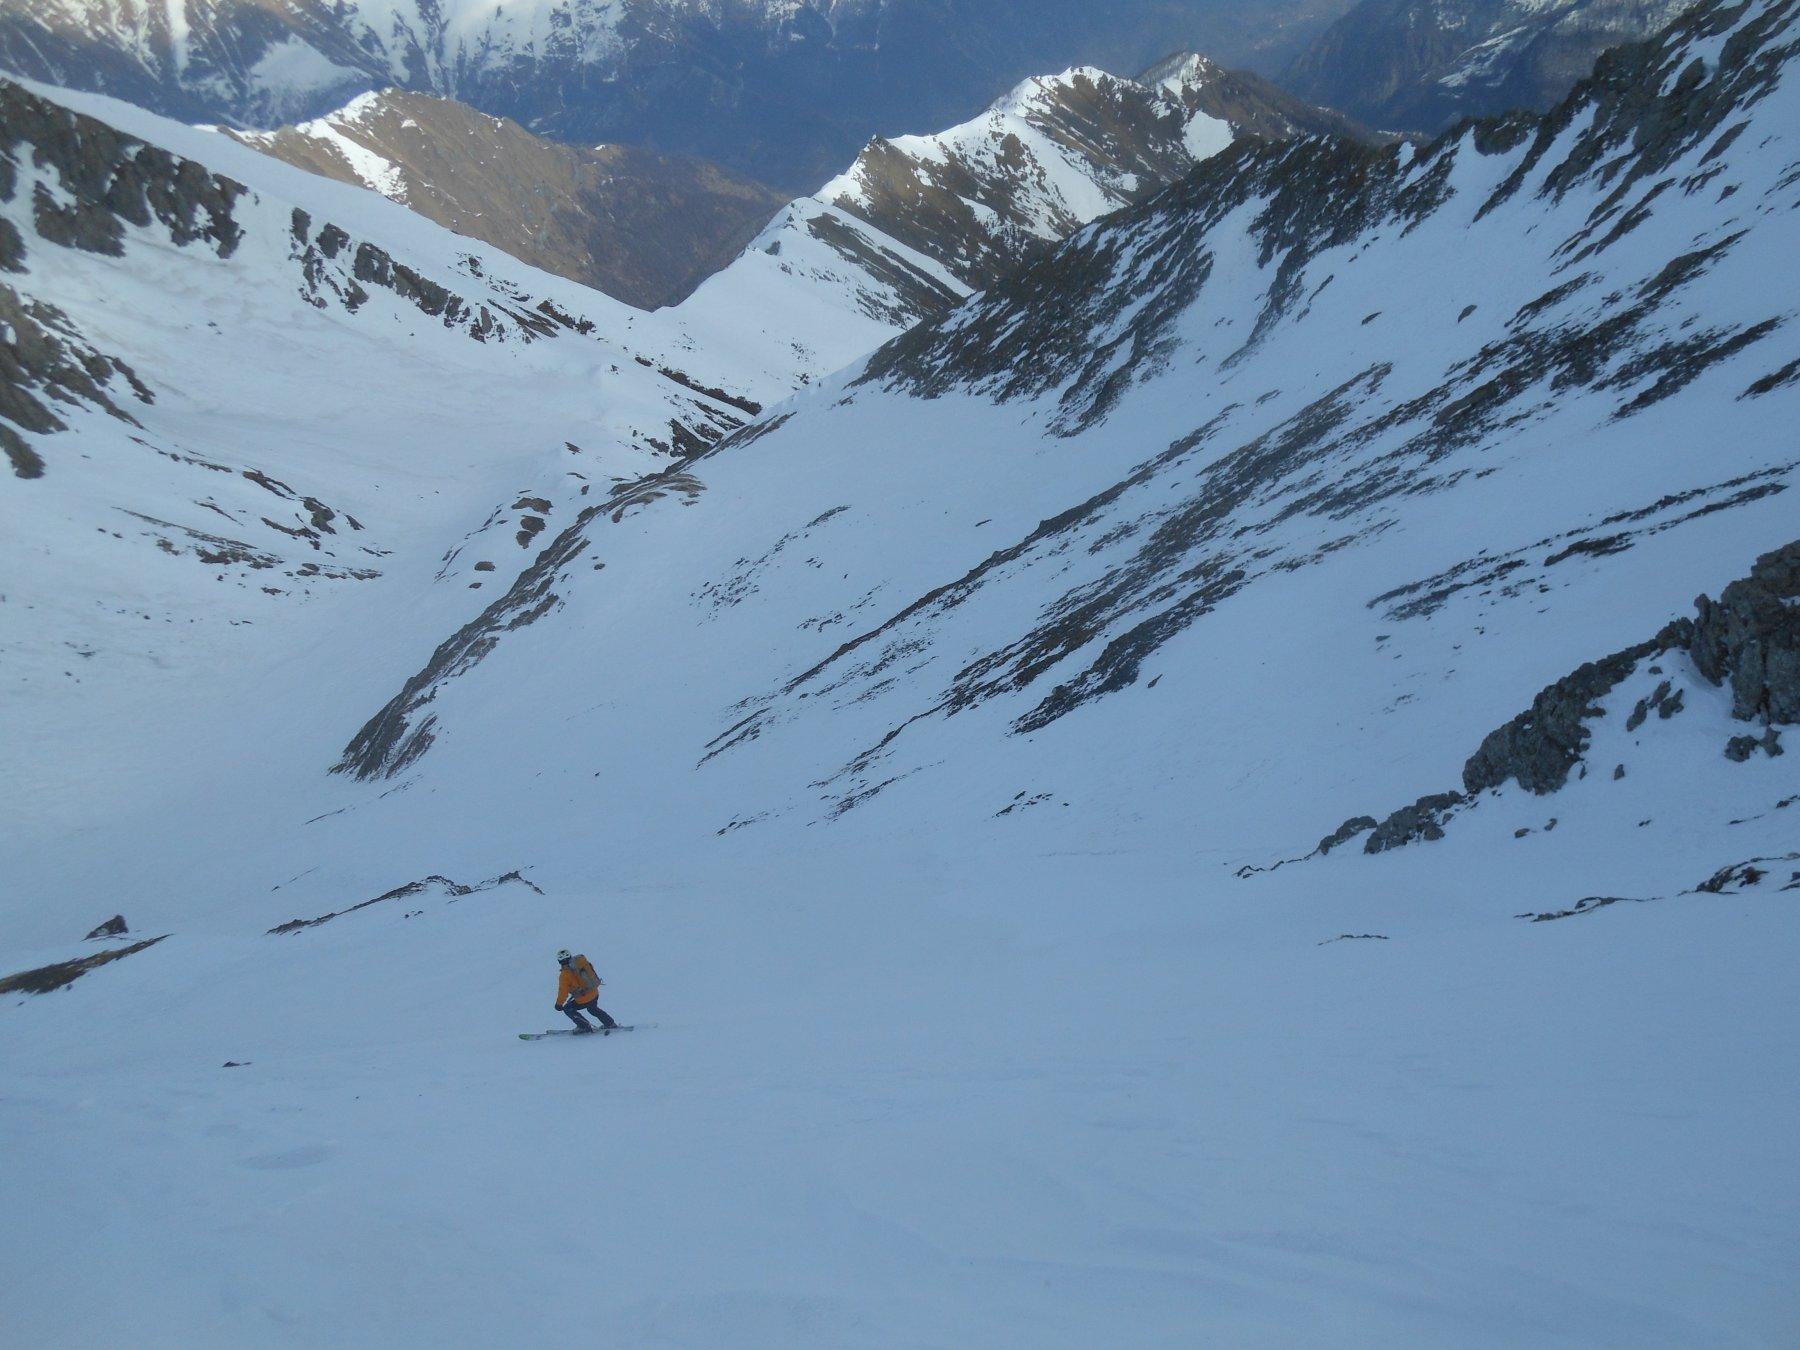 Il versante NNE della montagna, bello freddo, neve dura ma abbastanza liscia